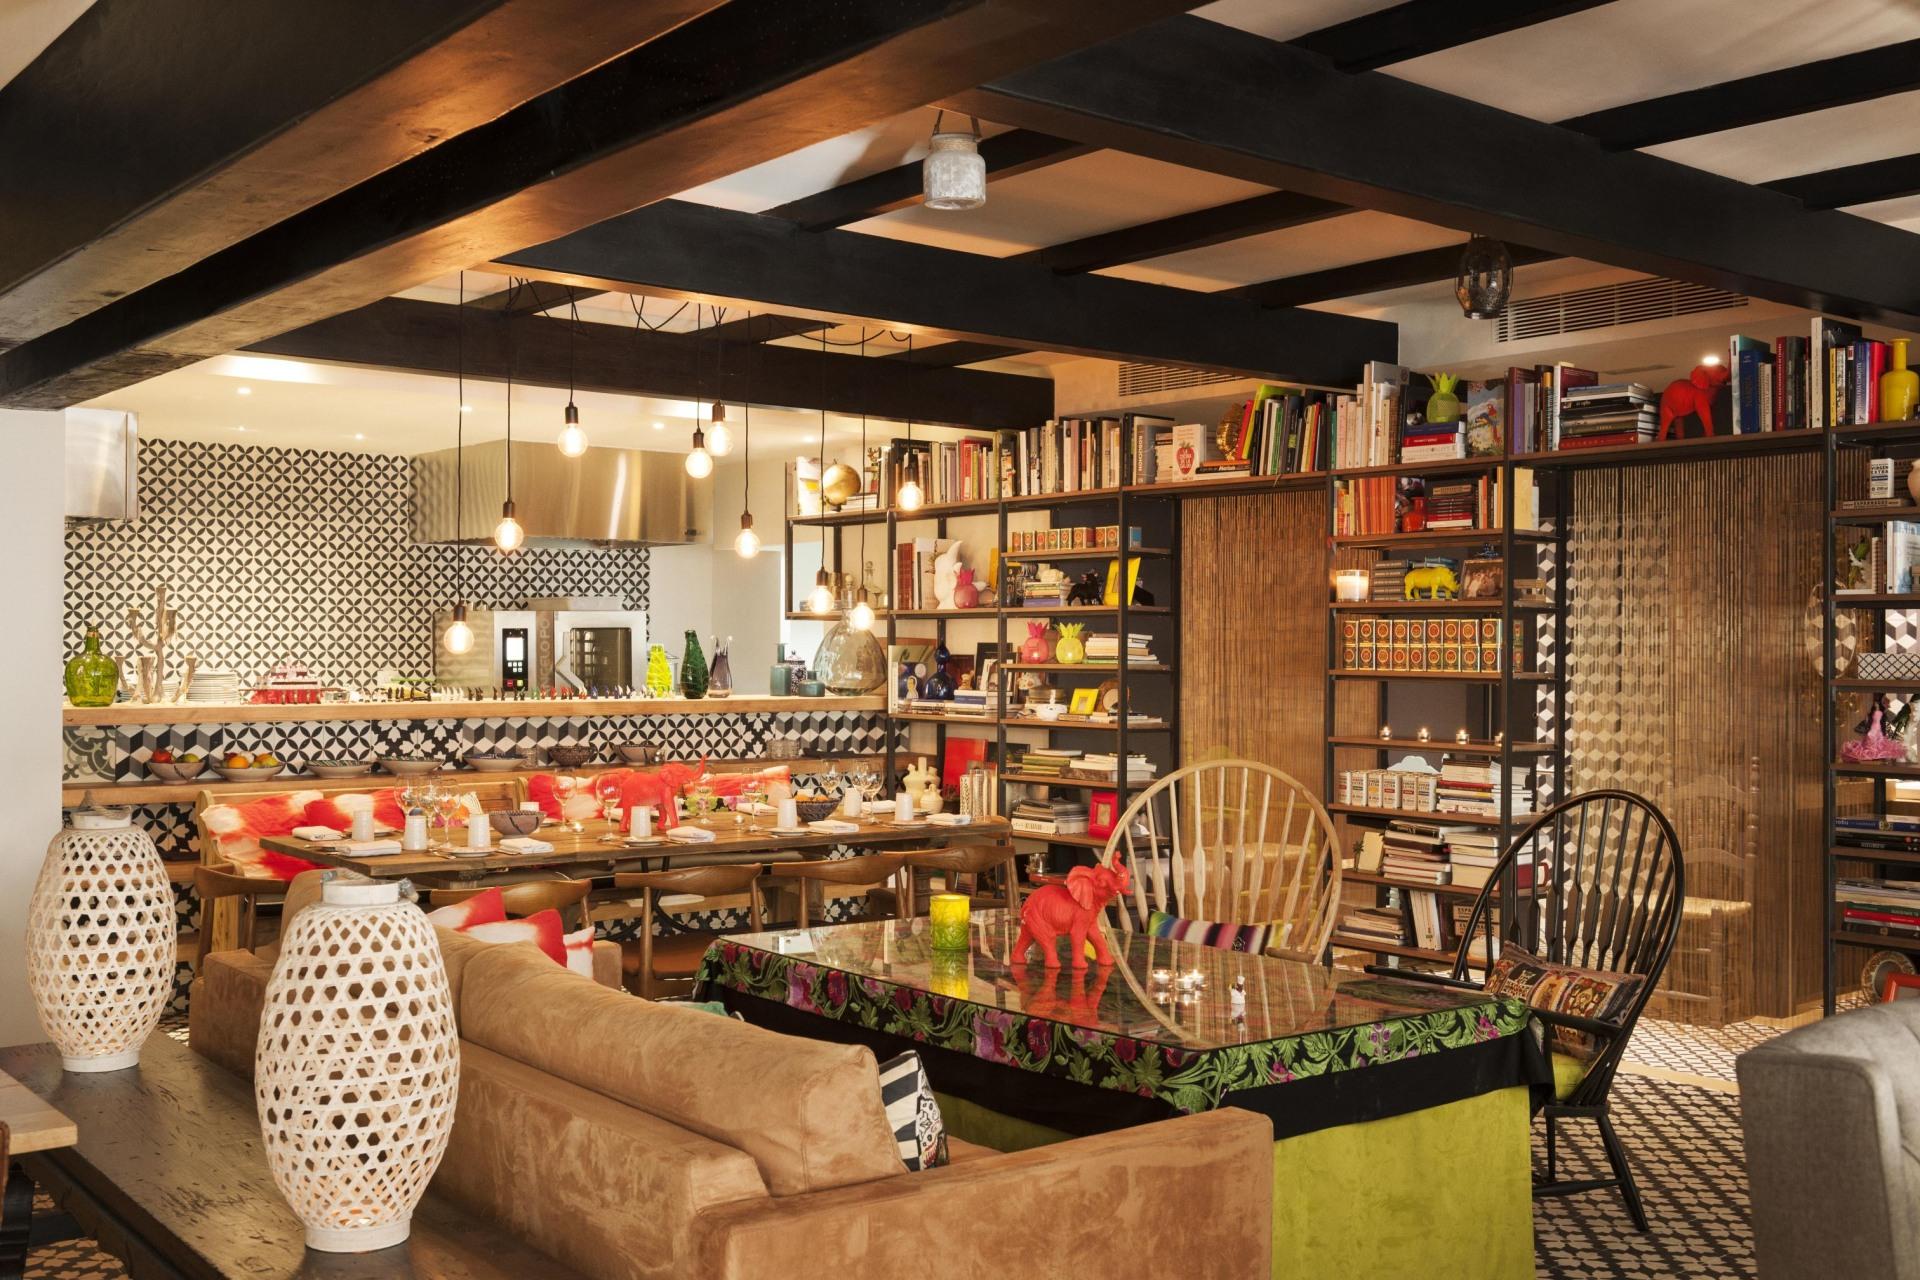 Restaurant Bibo im Puente Romano Hotel